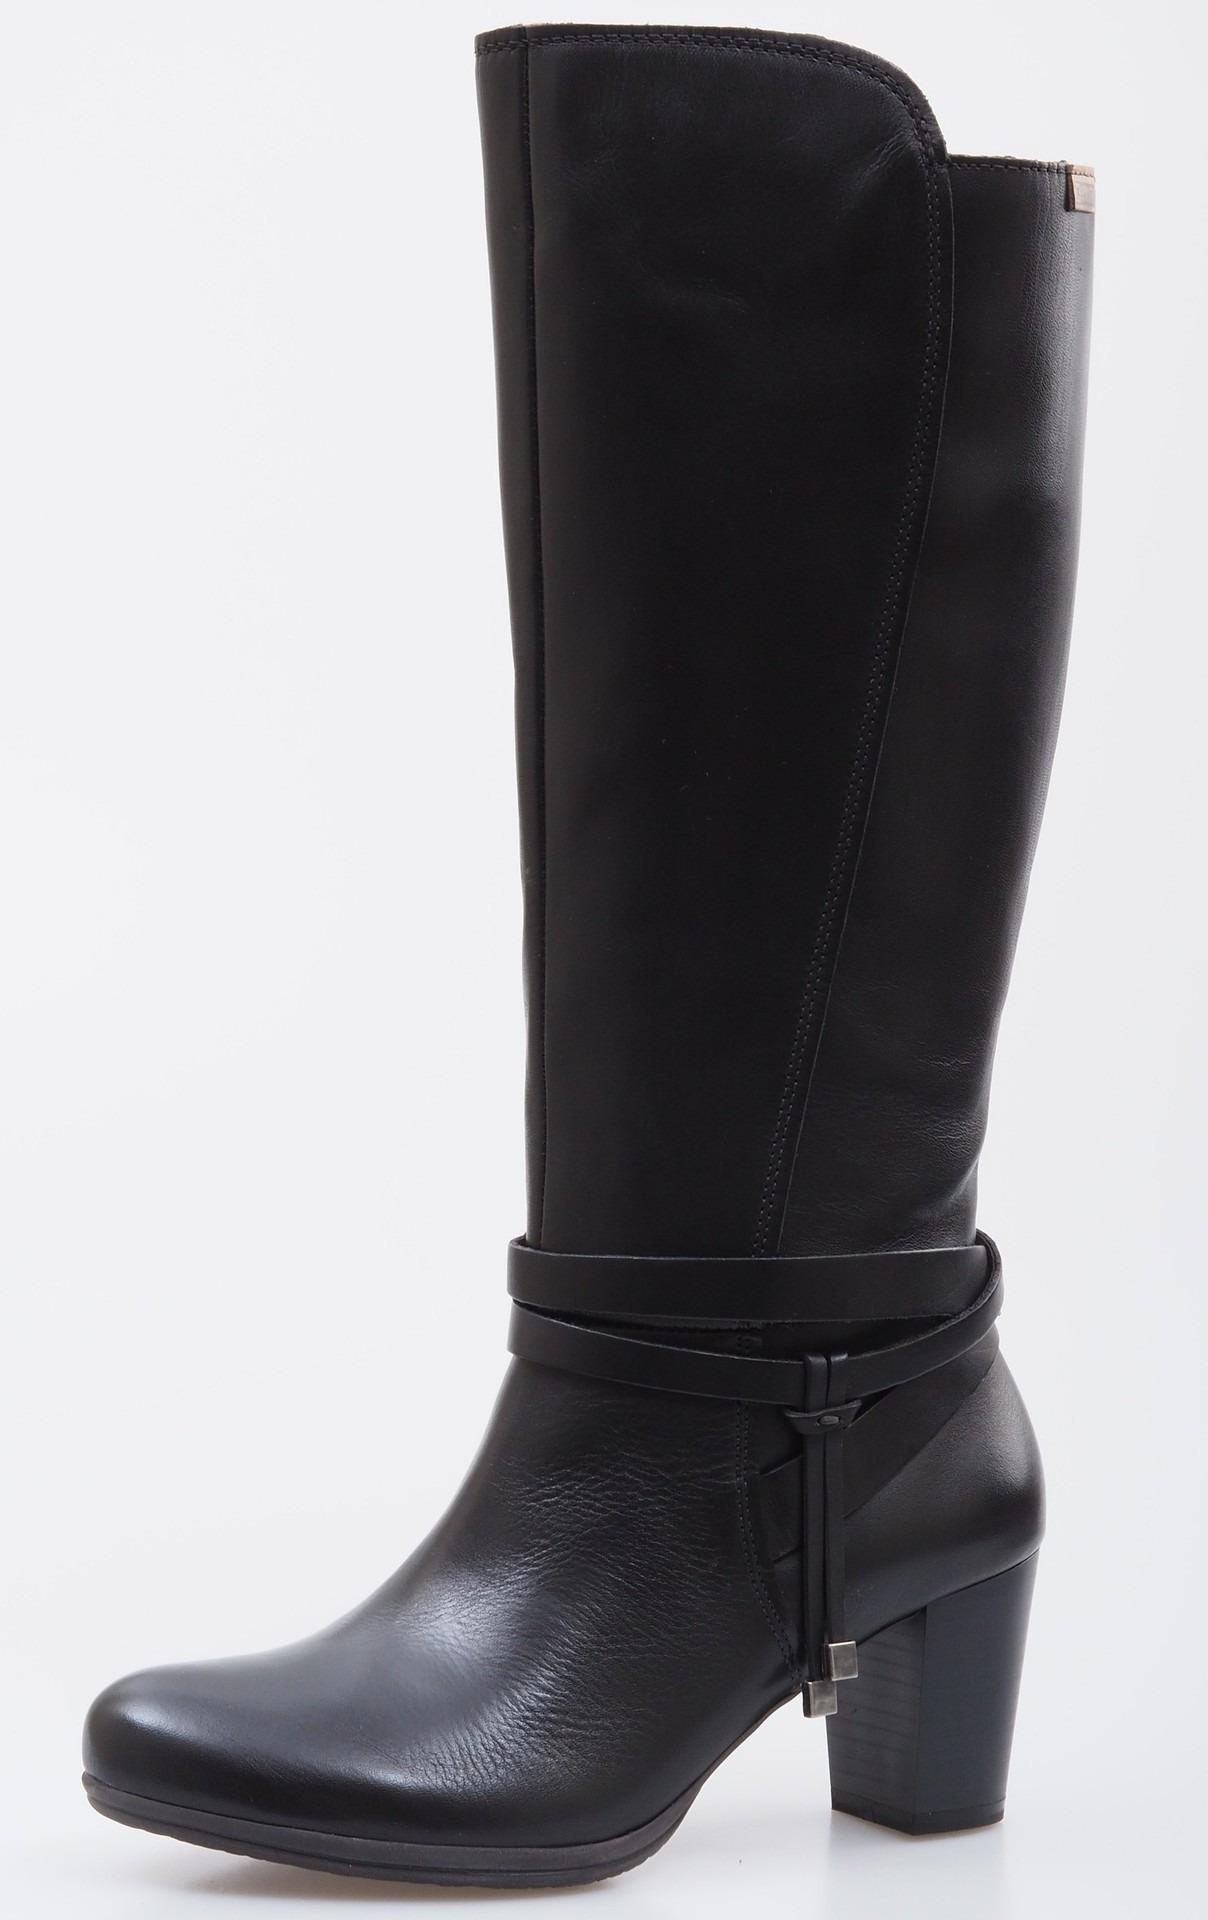 Soňa - Dámska obuv - Čižmy - Čierne kožené topánky Pikolinos 9bd2e9476a8